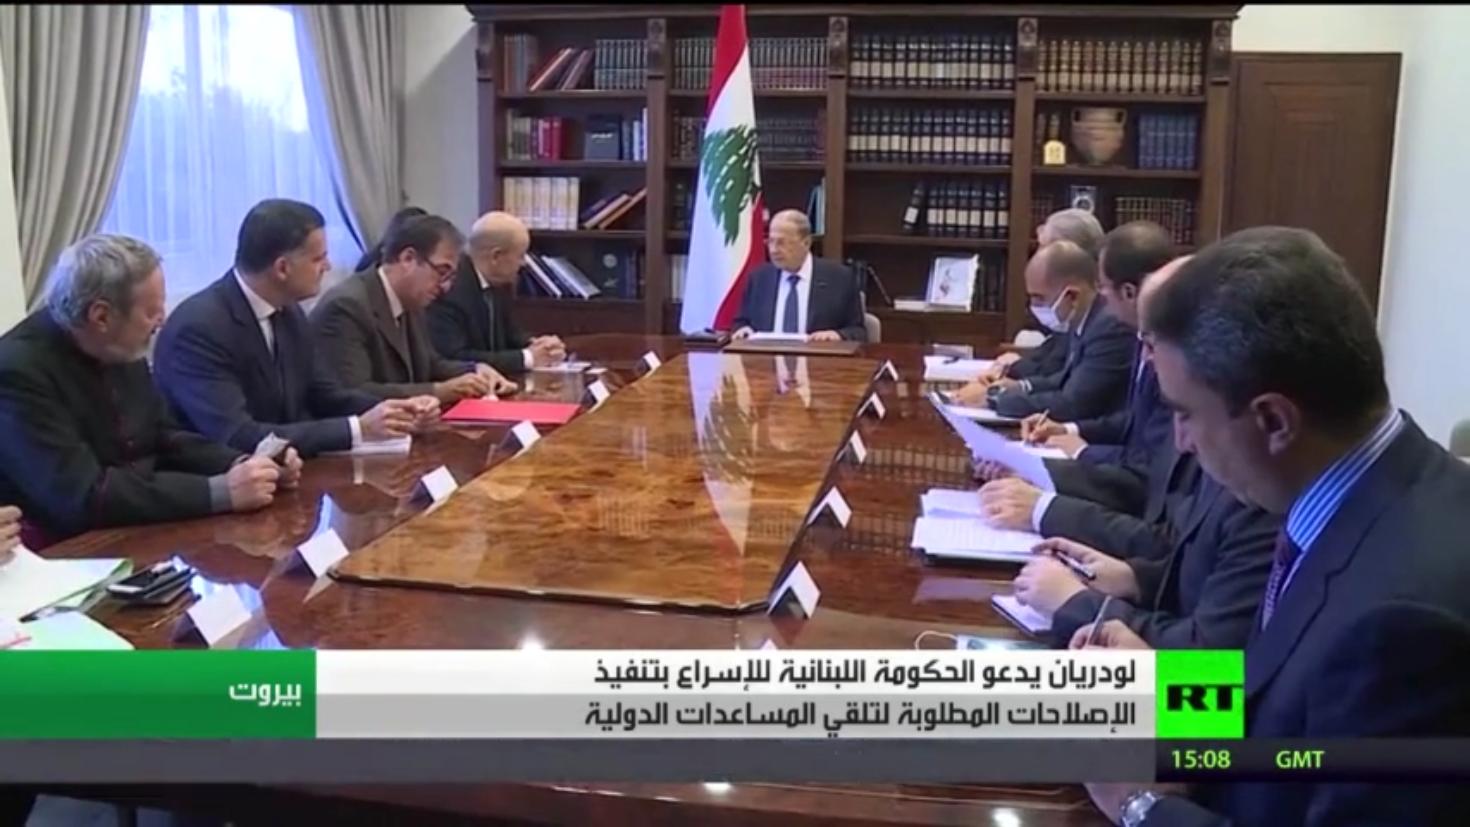 لودريان: على لبنان تنفيذ الإصلاحات المطلوبة